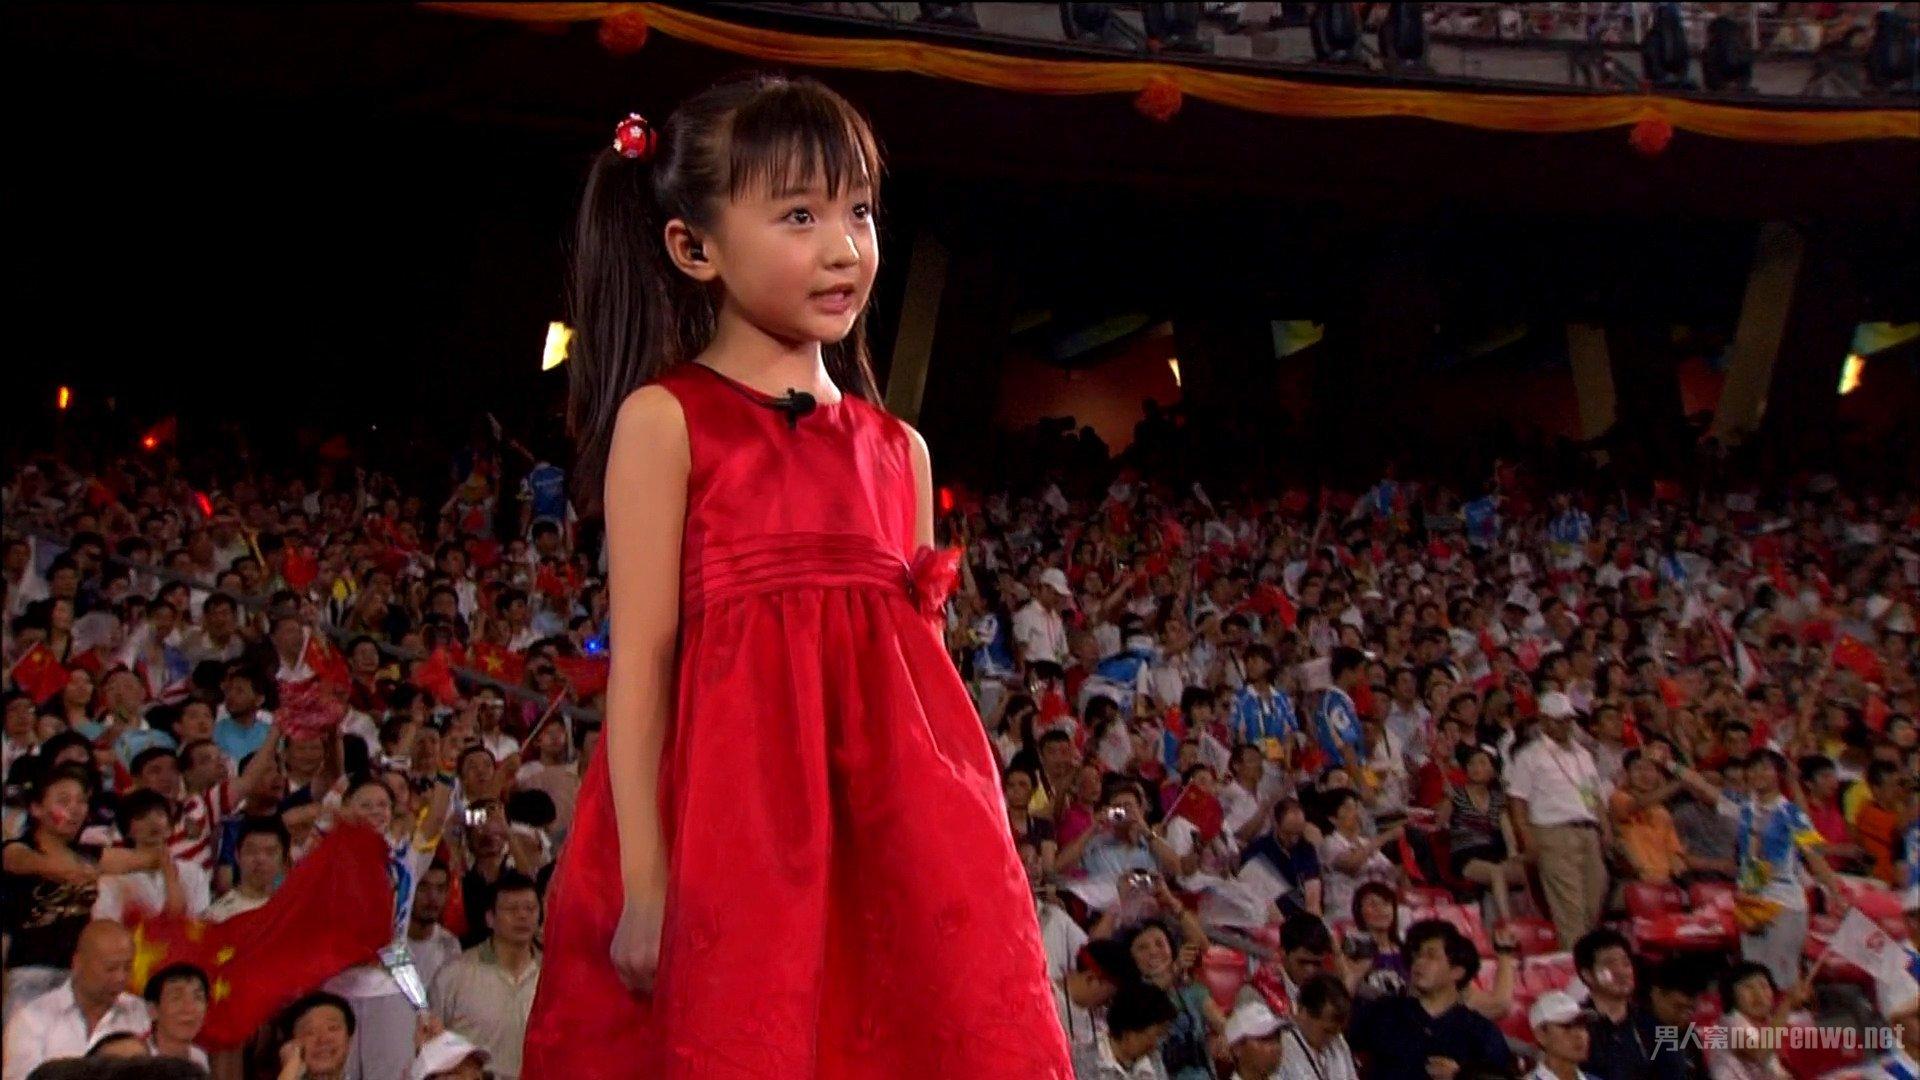 Sau loạt tai tiếng, Trương Nghệ Mưu hạnh phúc bên vợ trẻ kém 31 tuổi